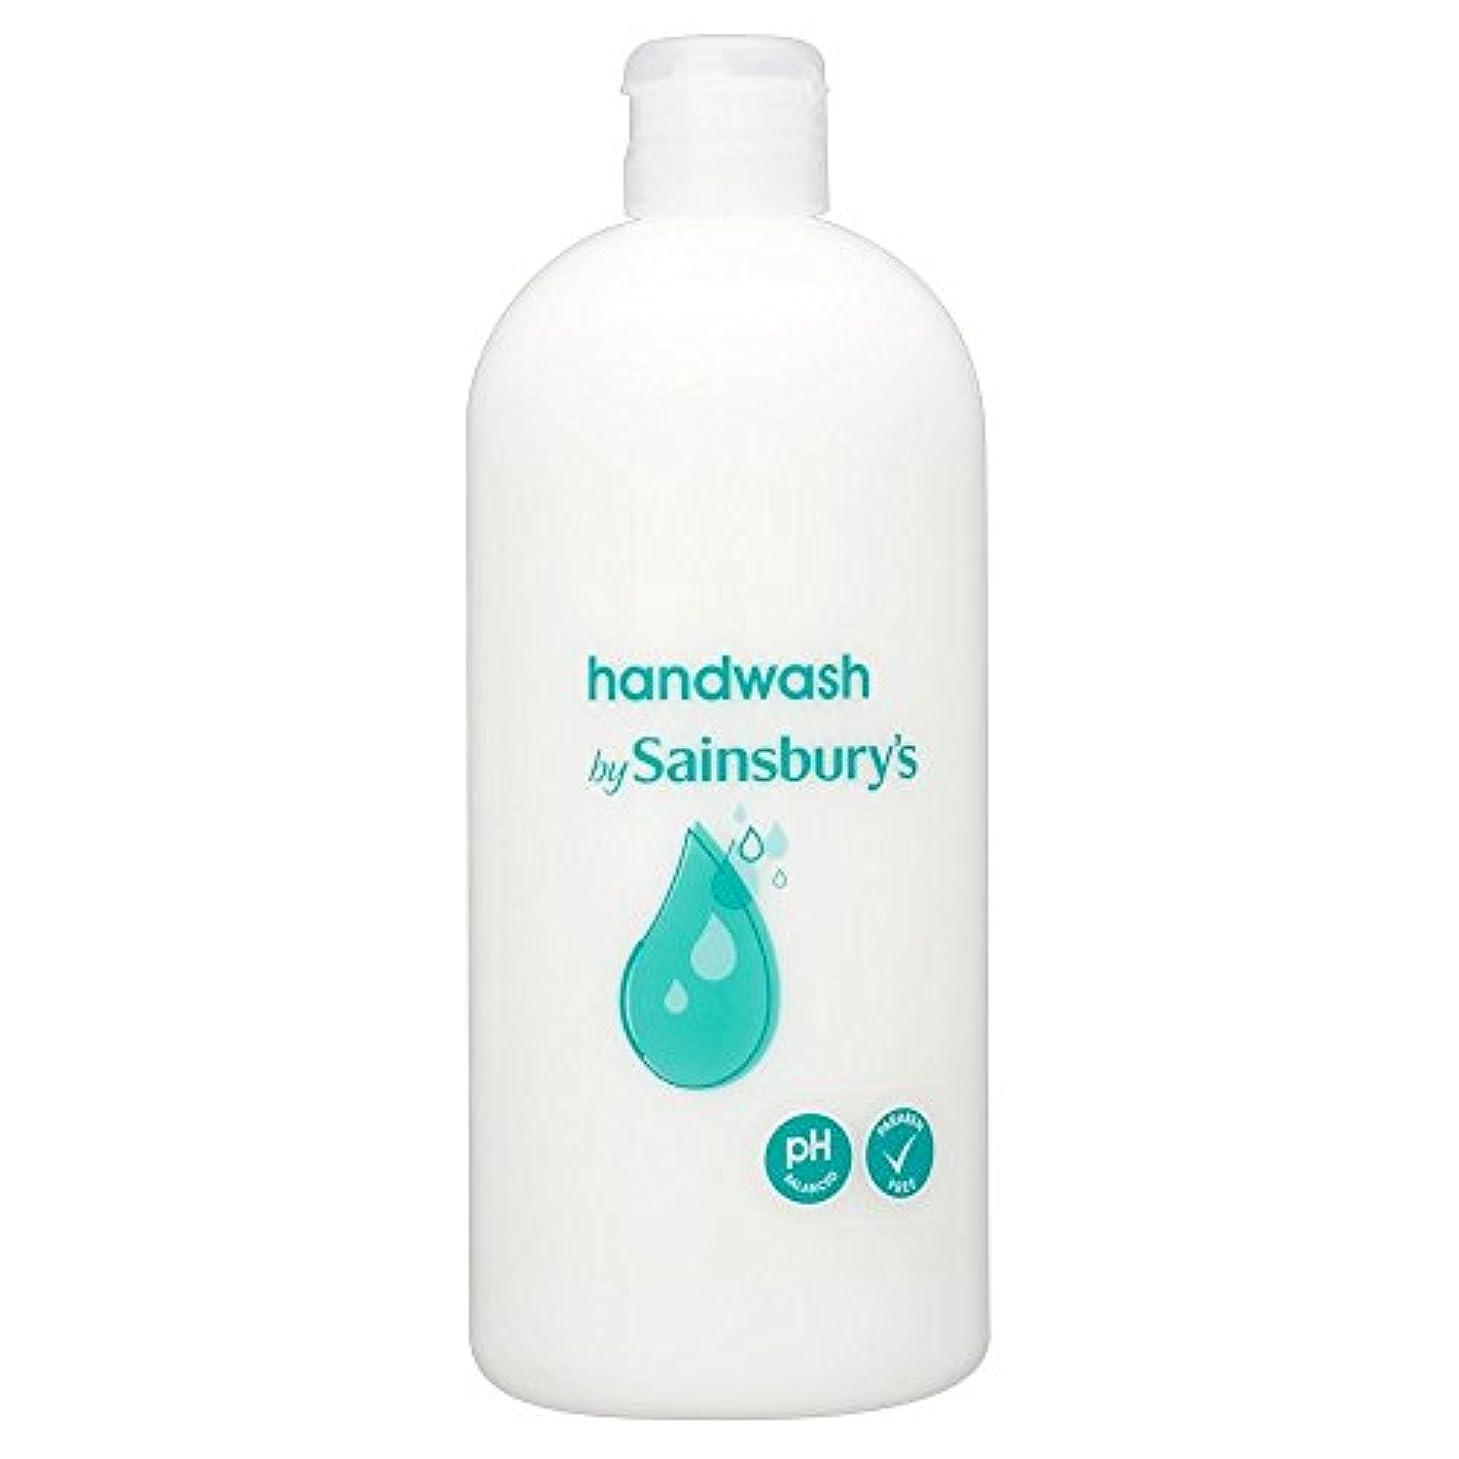 幸運裕福な引退するSainsbury's Handwash, White Refill 500ml (Pack of 4) - (Sainsbury's) 手洗い、白リフィル500ミリリットル (x4) [並行輸入品]